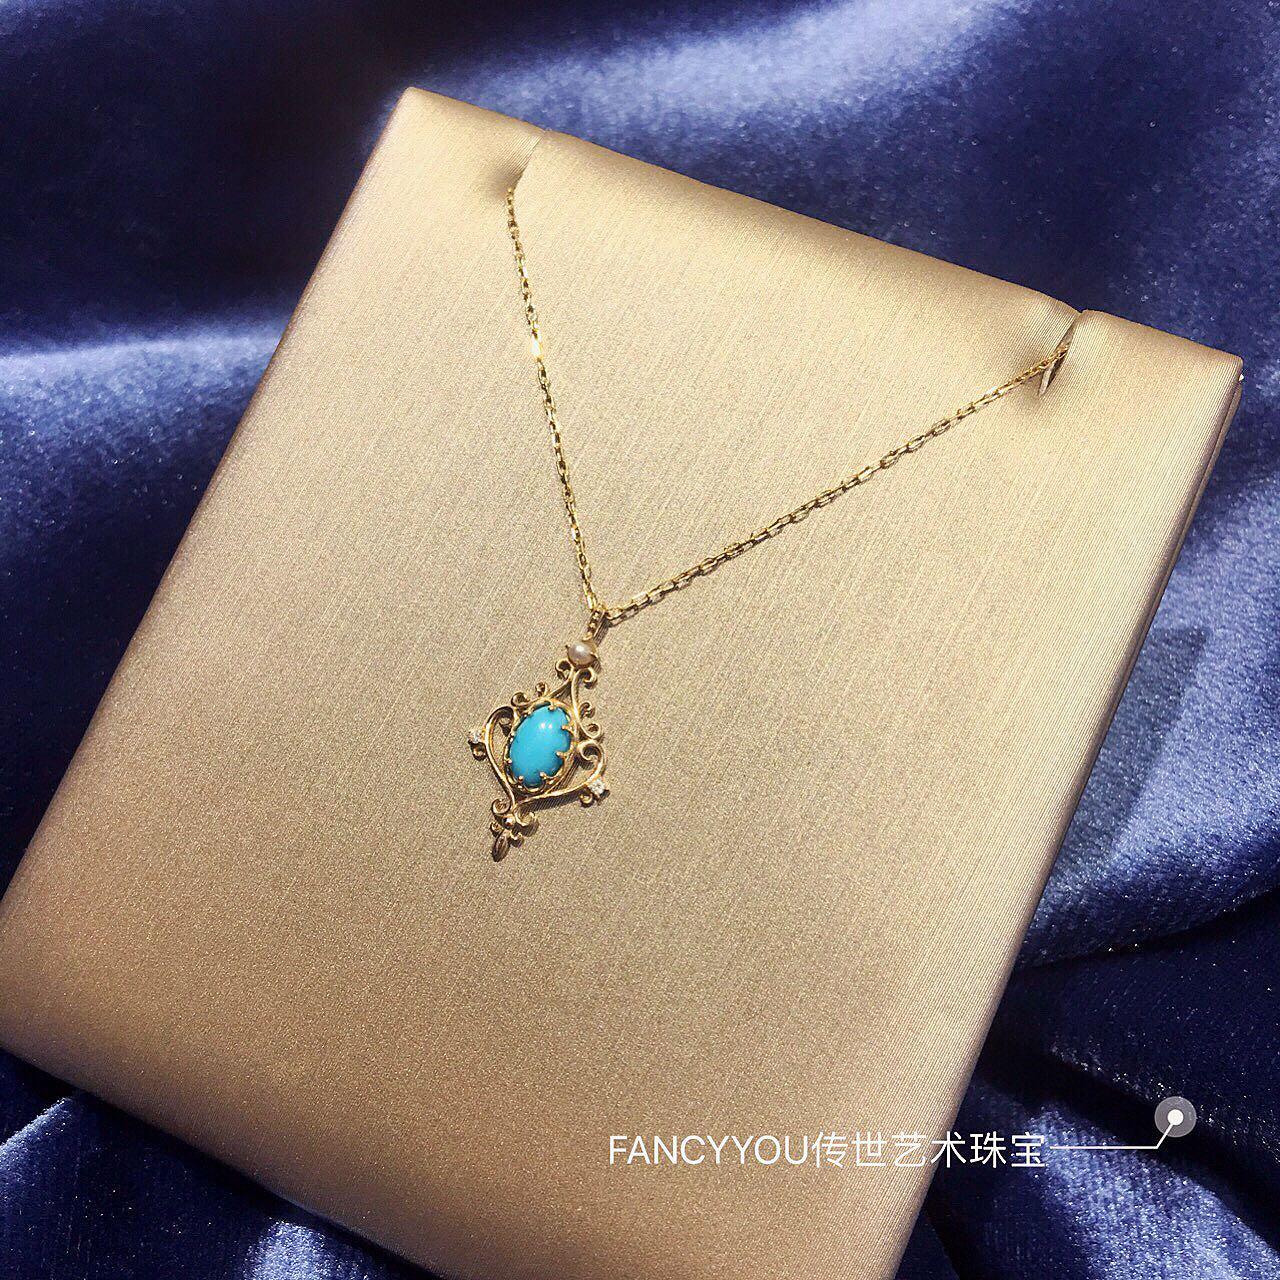 FANCYYOU-皇后的化妆镜 设计师美国绿松石珍珠钻石10k金项链吊坠